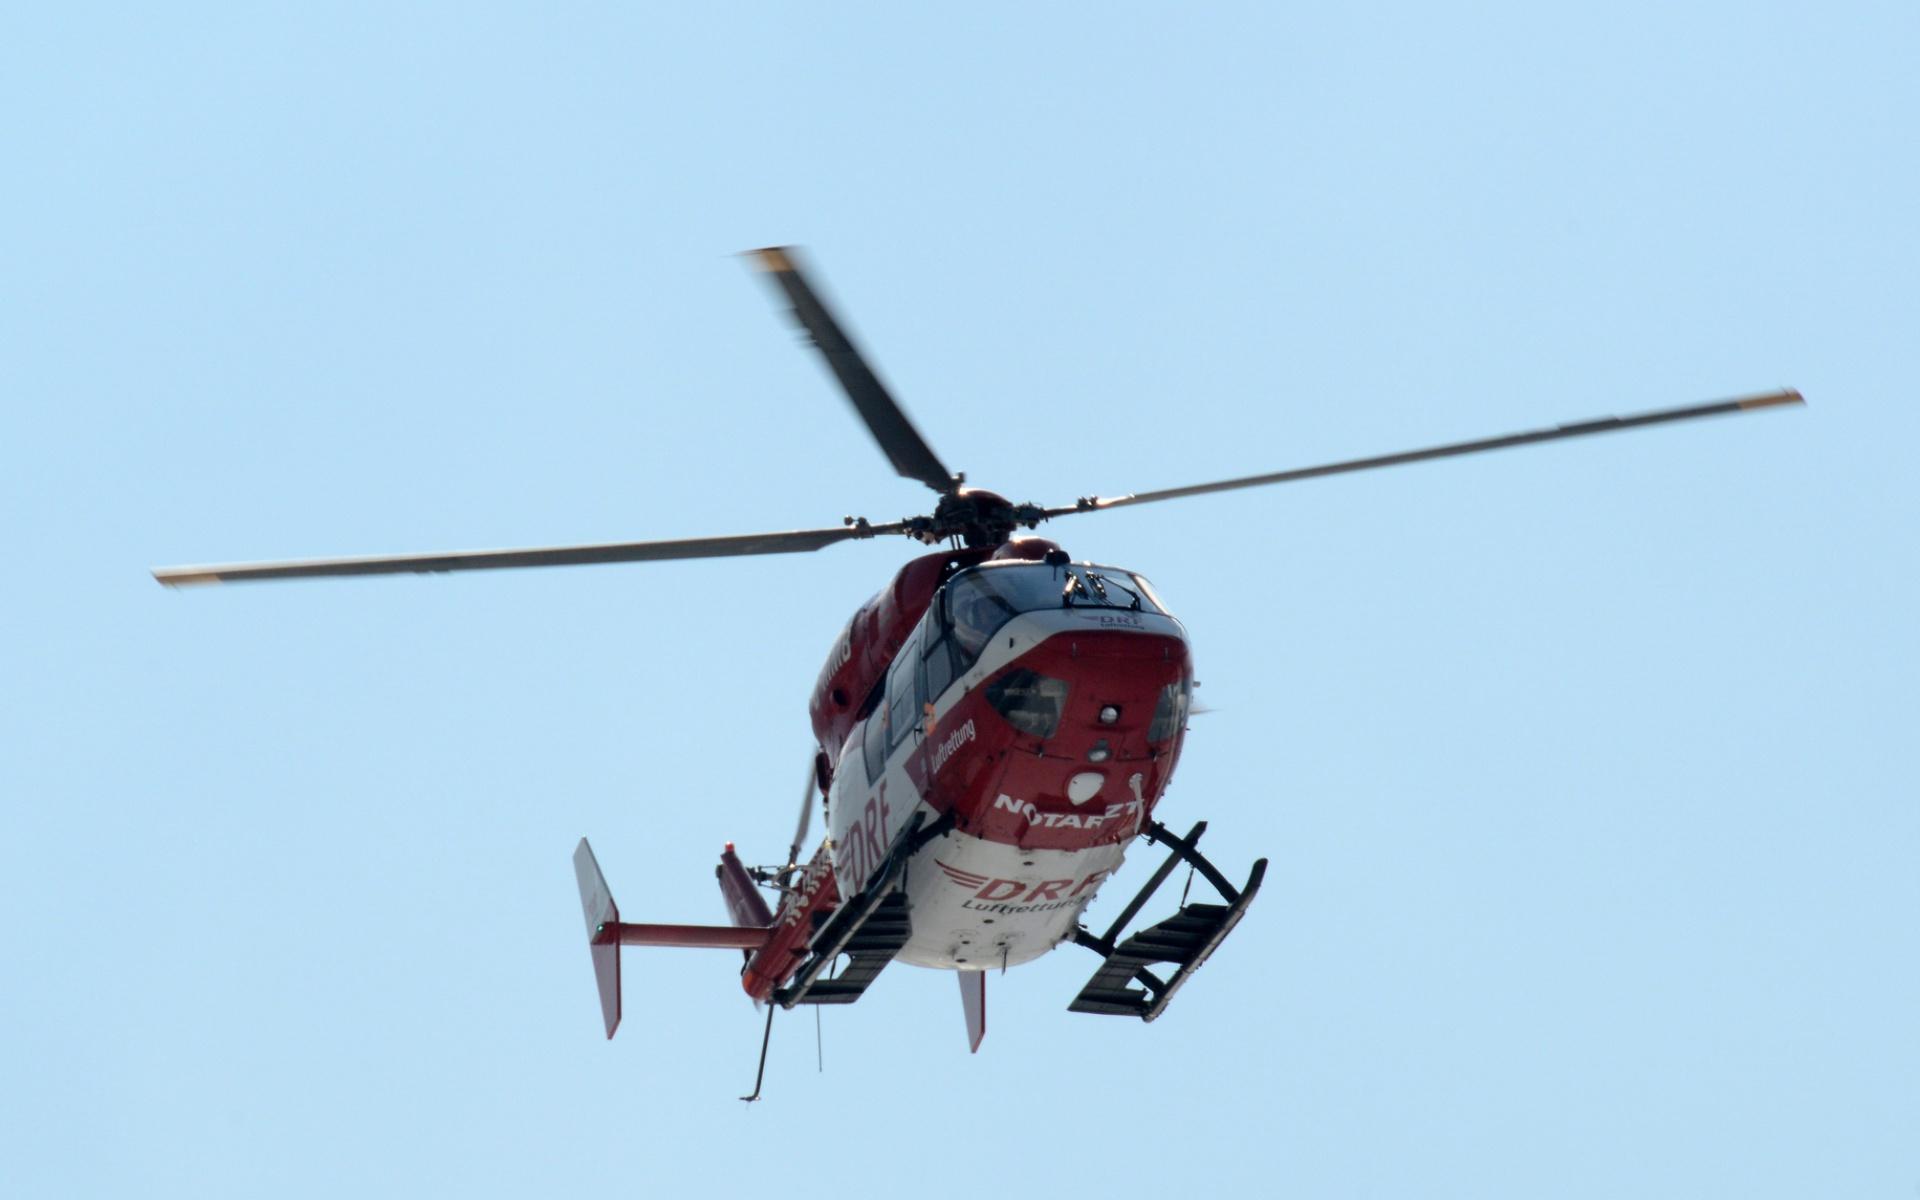 Ein Hubschrauber des Typs BK 117, wie er in Freiburg zum Einsatz kommt. (Symbolbild)